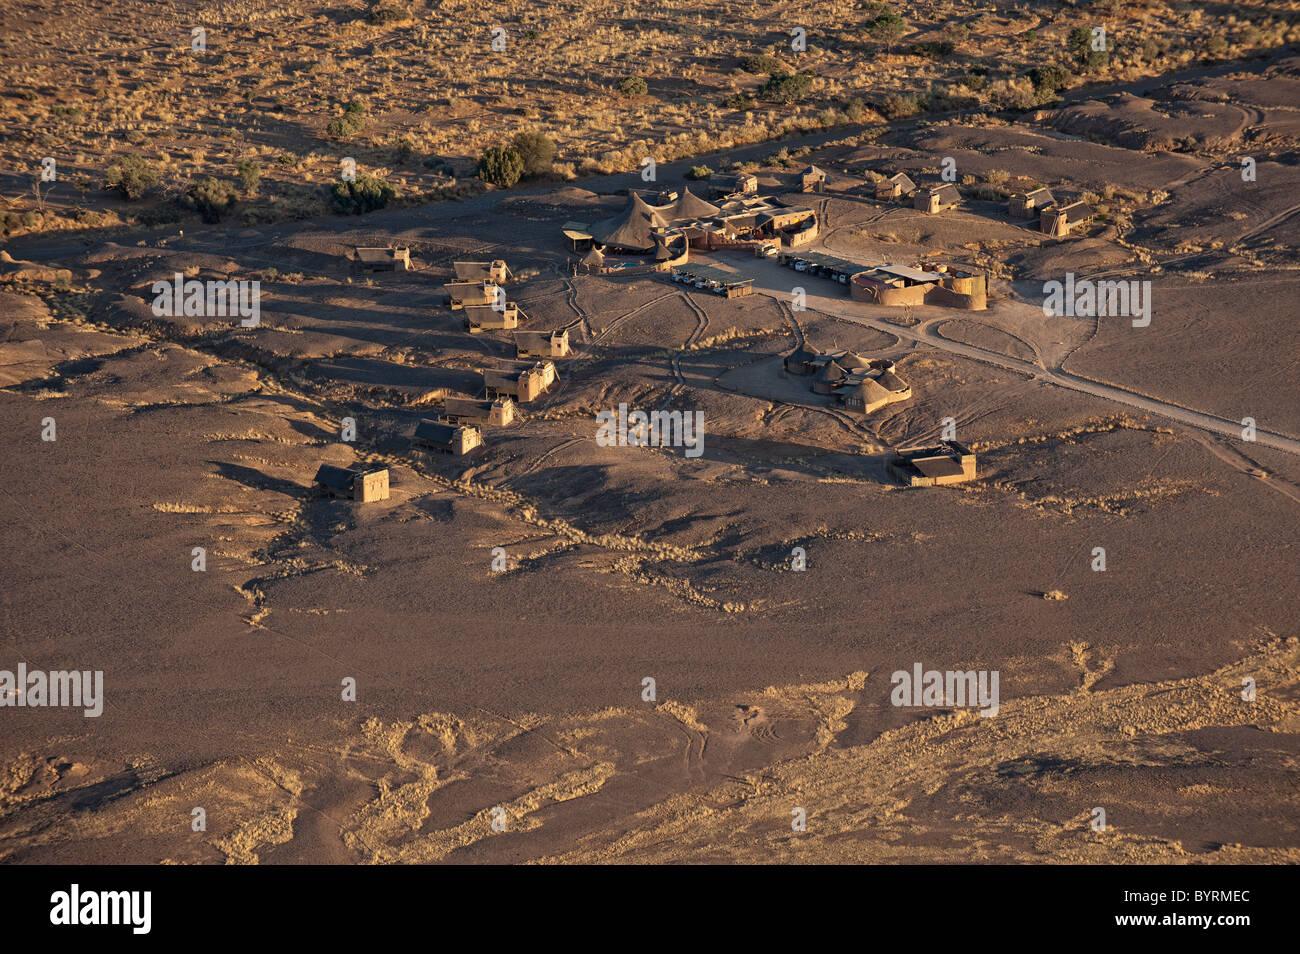 Kulala Desert Lodge aerial view from hot air balloon, Namib-Naukluft Park, central Namibia. - Stock Image